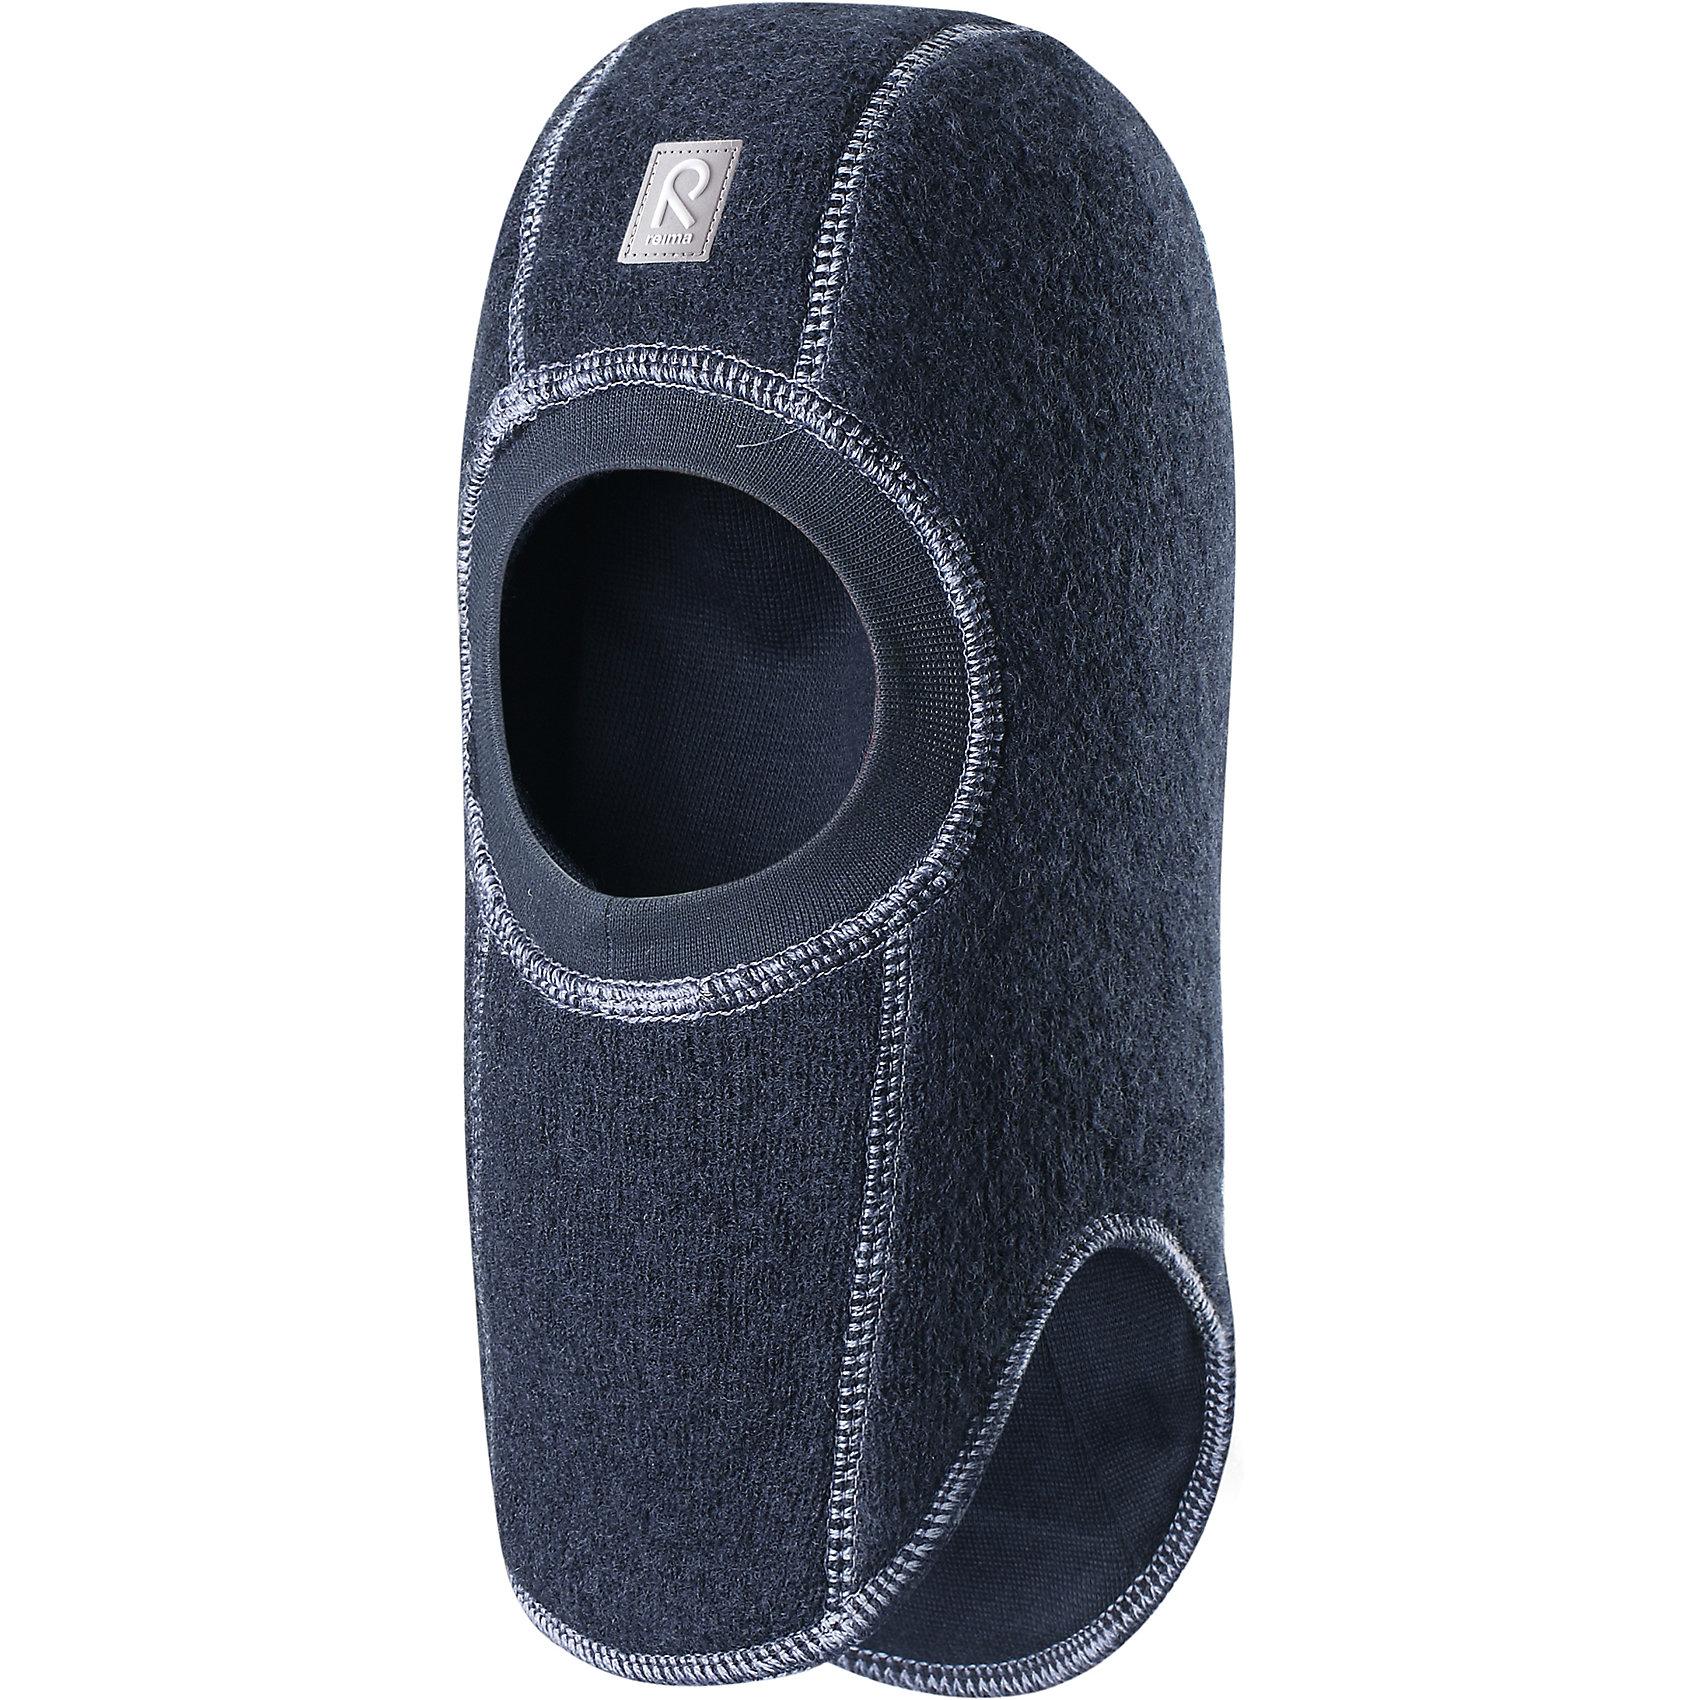 Шапка-шлем Repolainen ReimaШапки и шарфы<br>Шапка  Reima<br>Шапка-шлем для малышей. Шерсть идеально поддерживает температуру. Теплая шерстяная вязка (волокно). Товар сертифицирован Oeko-Tex, класс 1, одежда для малышей. Ветронепроницаемые вставки в области ушей. Мягкая подкладка из хлопка и эластана. Интересная структура поверхности. Светоотражающий элемент спереди.<br>Уход:<br>Стирать по отдельности, вывернув наизнанку. Придать первоначальную форму вo влажном виде. Возможна усадка 5 %.<br>Состав:<br>100% Шерсть<br><br>Ширина мм: 89<br>Глубина мм: 117<br>Высота мм: 44<br>Вес г: 155<br>Цвет: синий<br>Возраст от месяцев: 9<br>Возраст до месяцев: 18<br>Пол: Мужской<br>Возраст: Детский<br>Размер: 48,52,50,46<br>SKU: 4777127